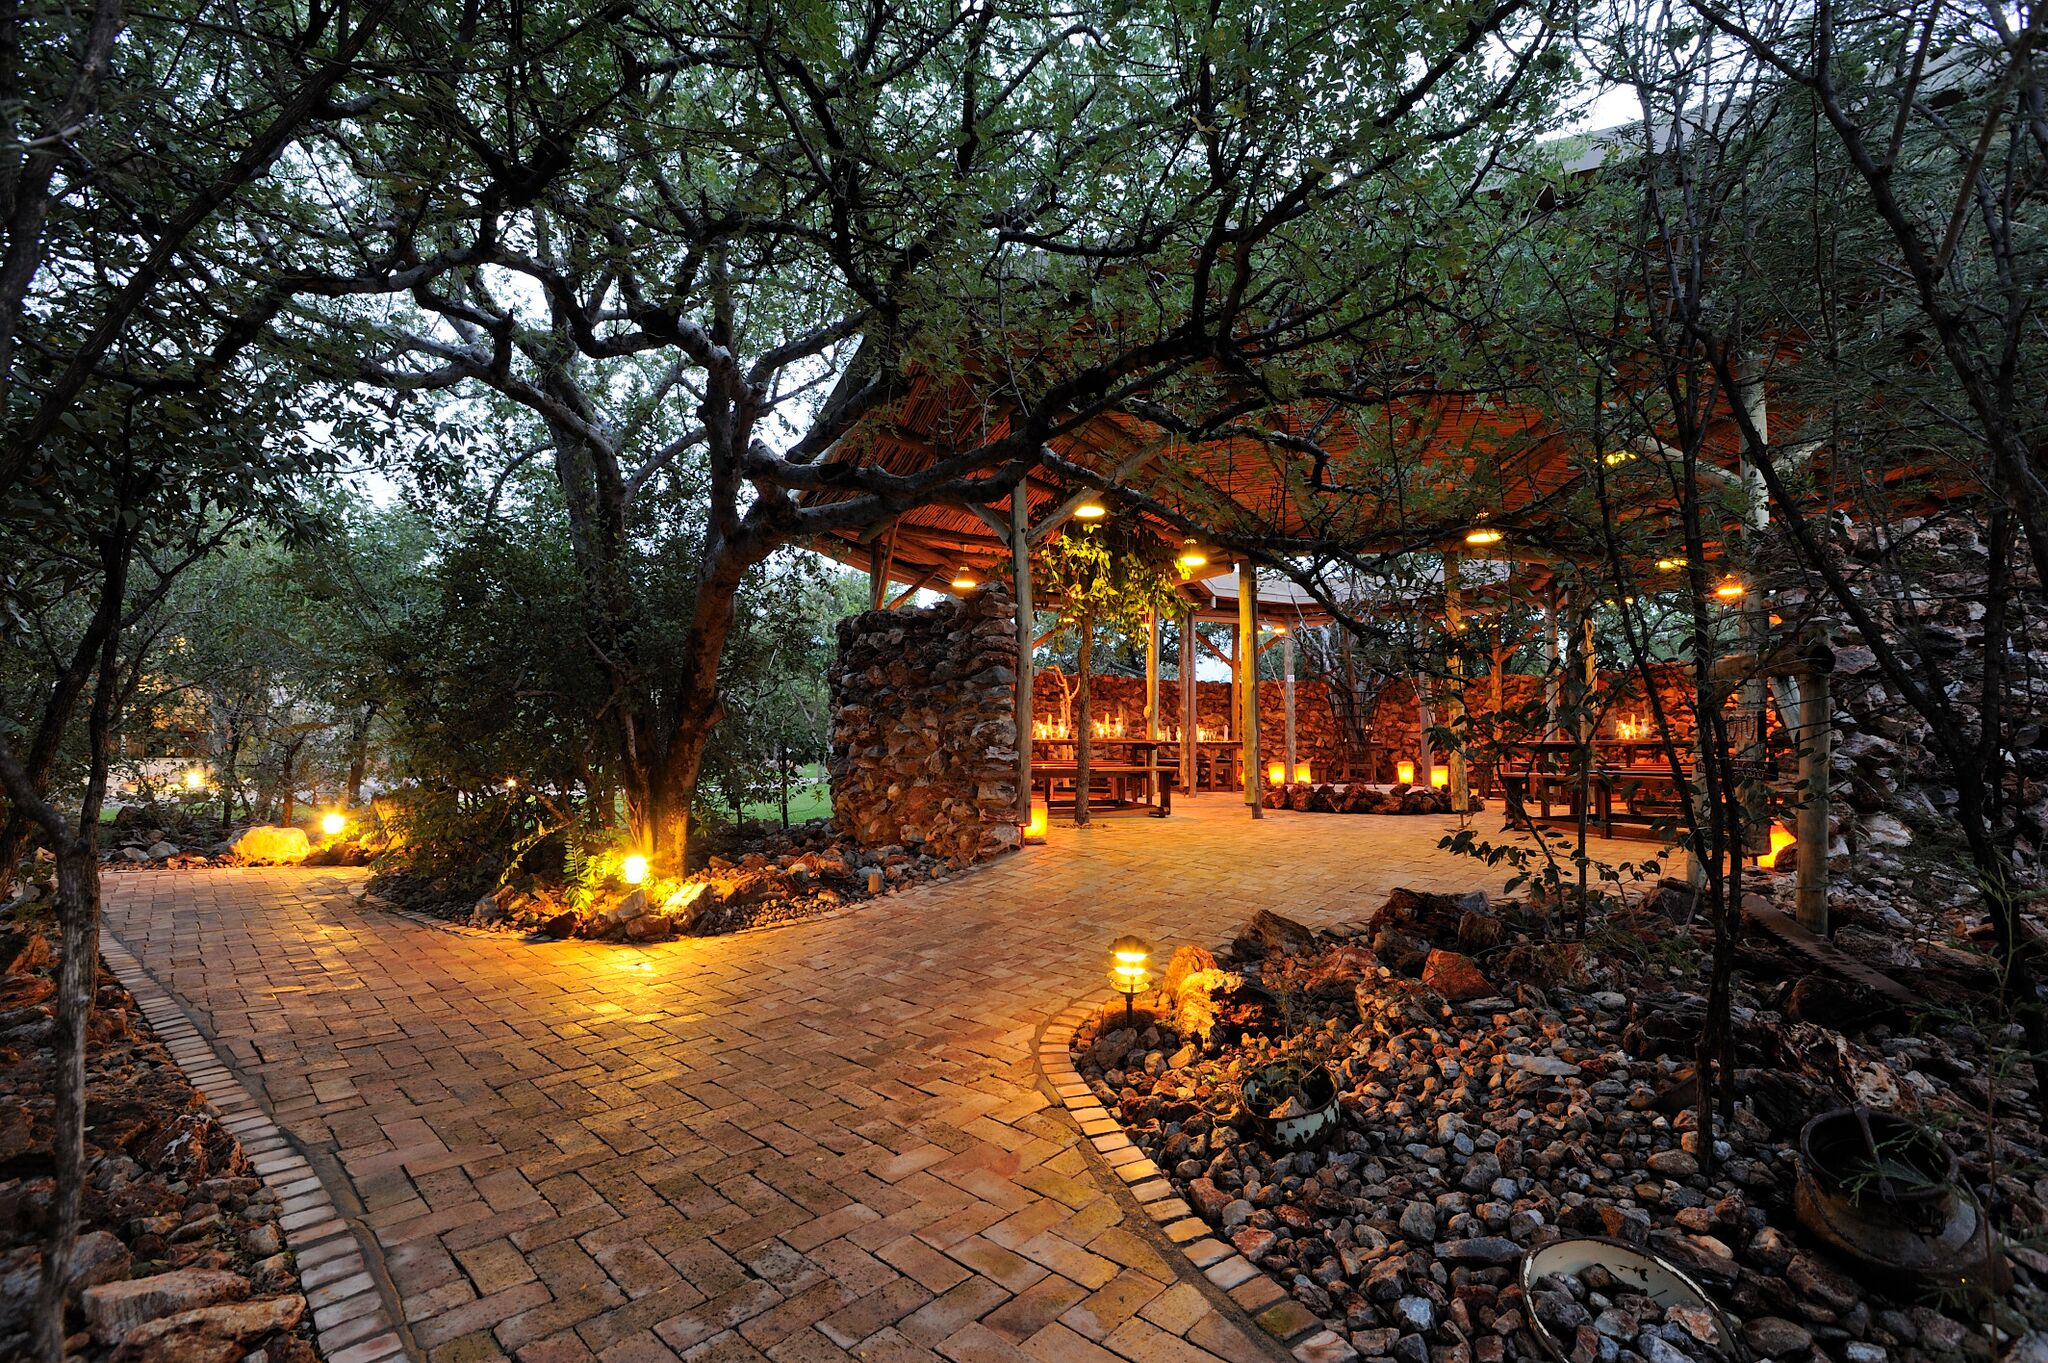 Stay At The Etosha Village Near Etosha National Park In